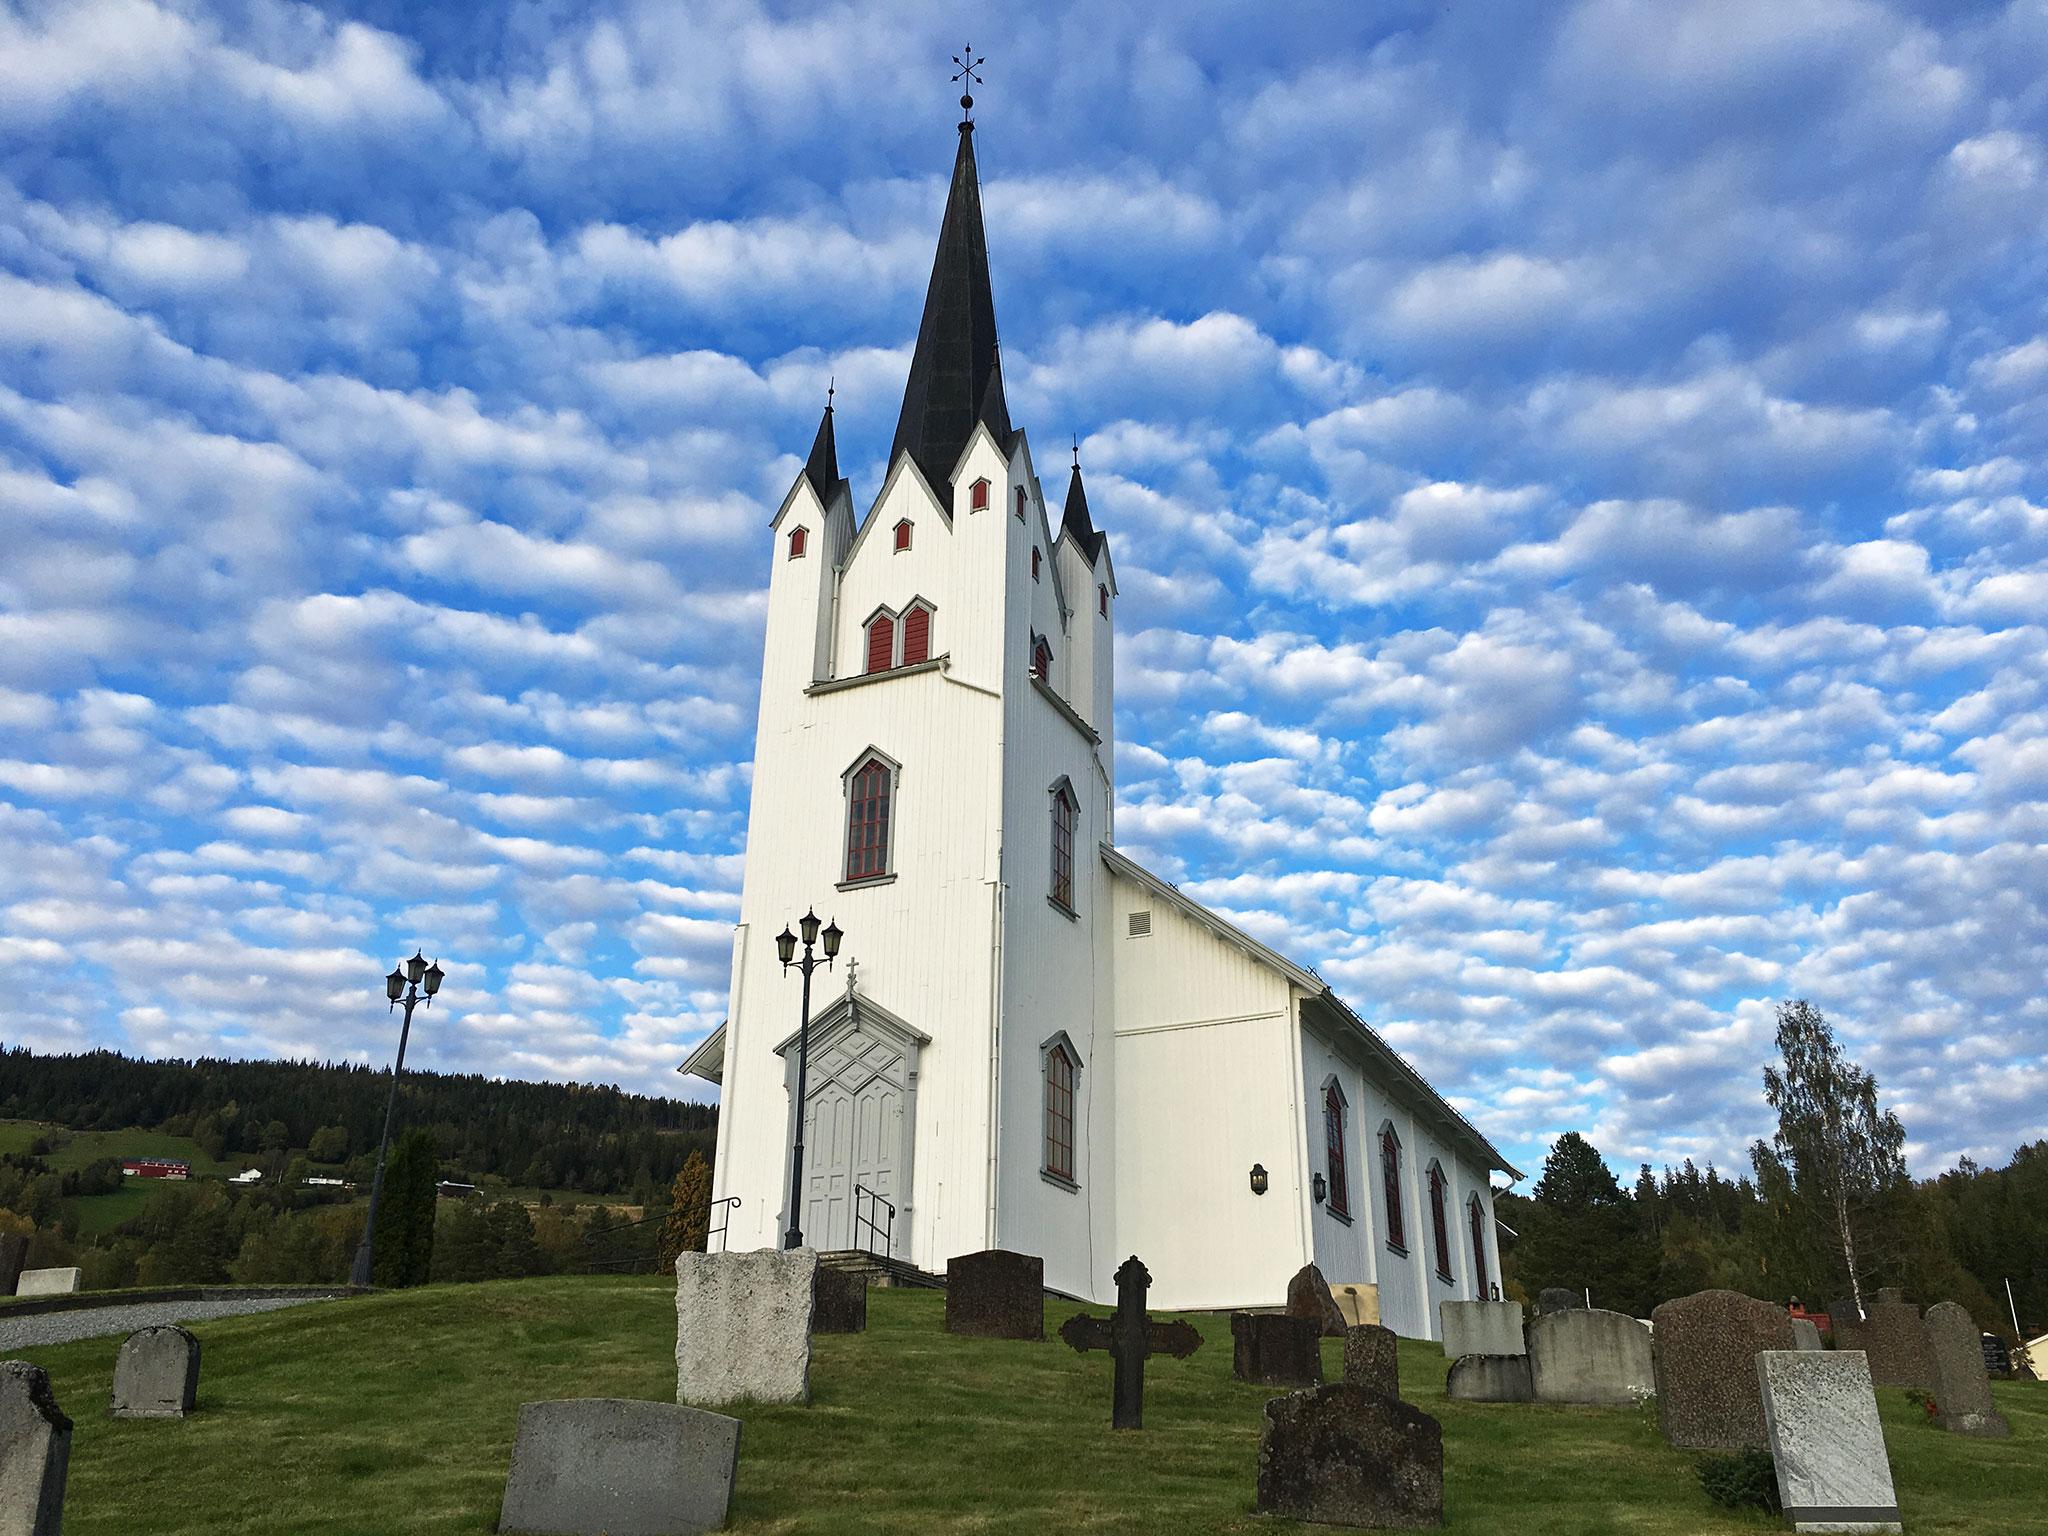 Eggedal church & cool clouds